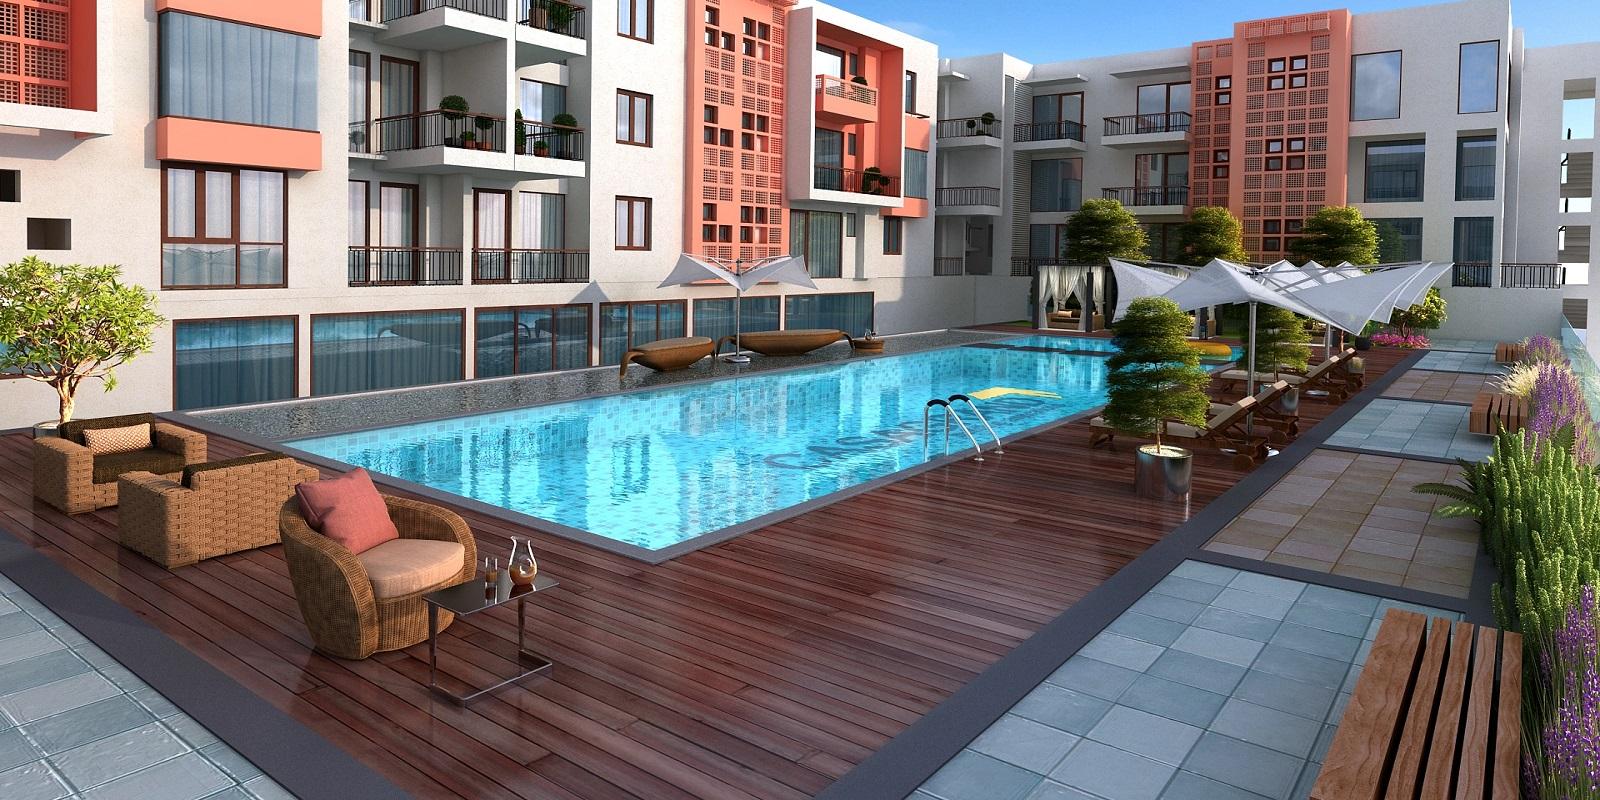 casagrand utopia project amenities features1